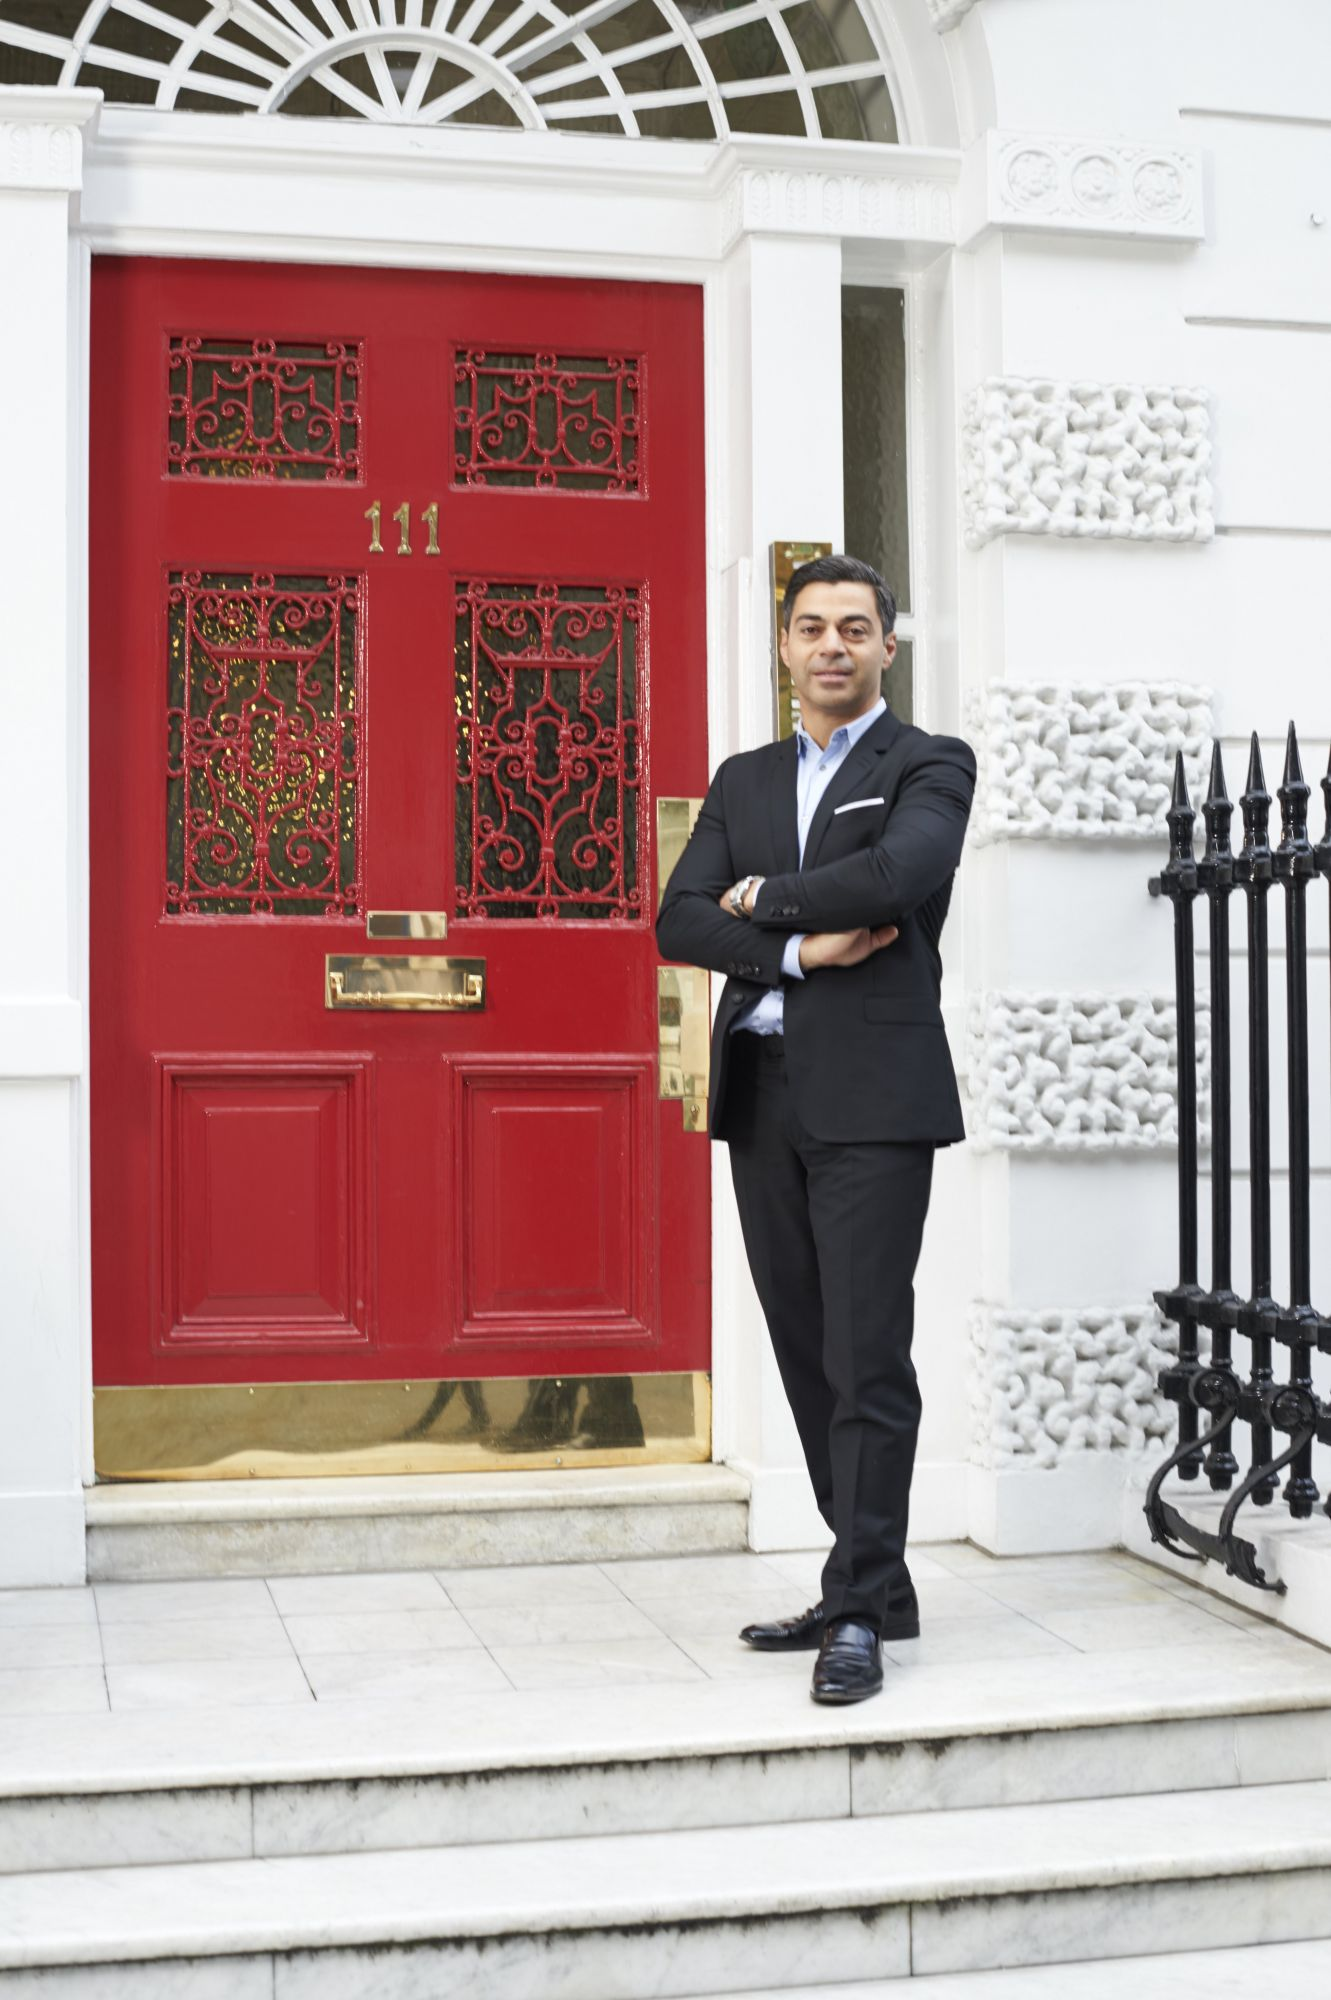 好萊塢巨星與歐洲名流御用的醫美名醫!111Skin創辦人Dr. Yannis從倫敦整型診所到比佛利四季酒店的科技保養之路